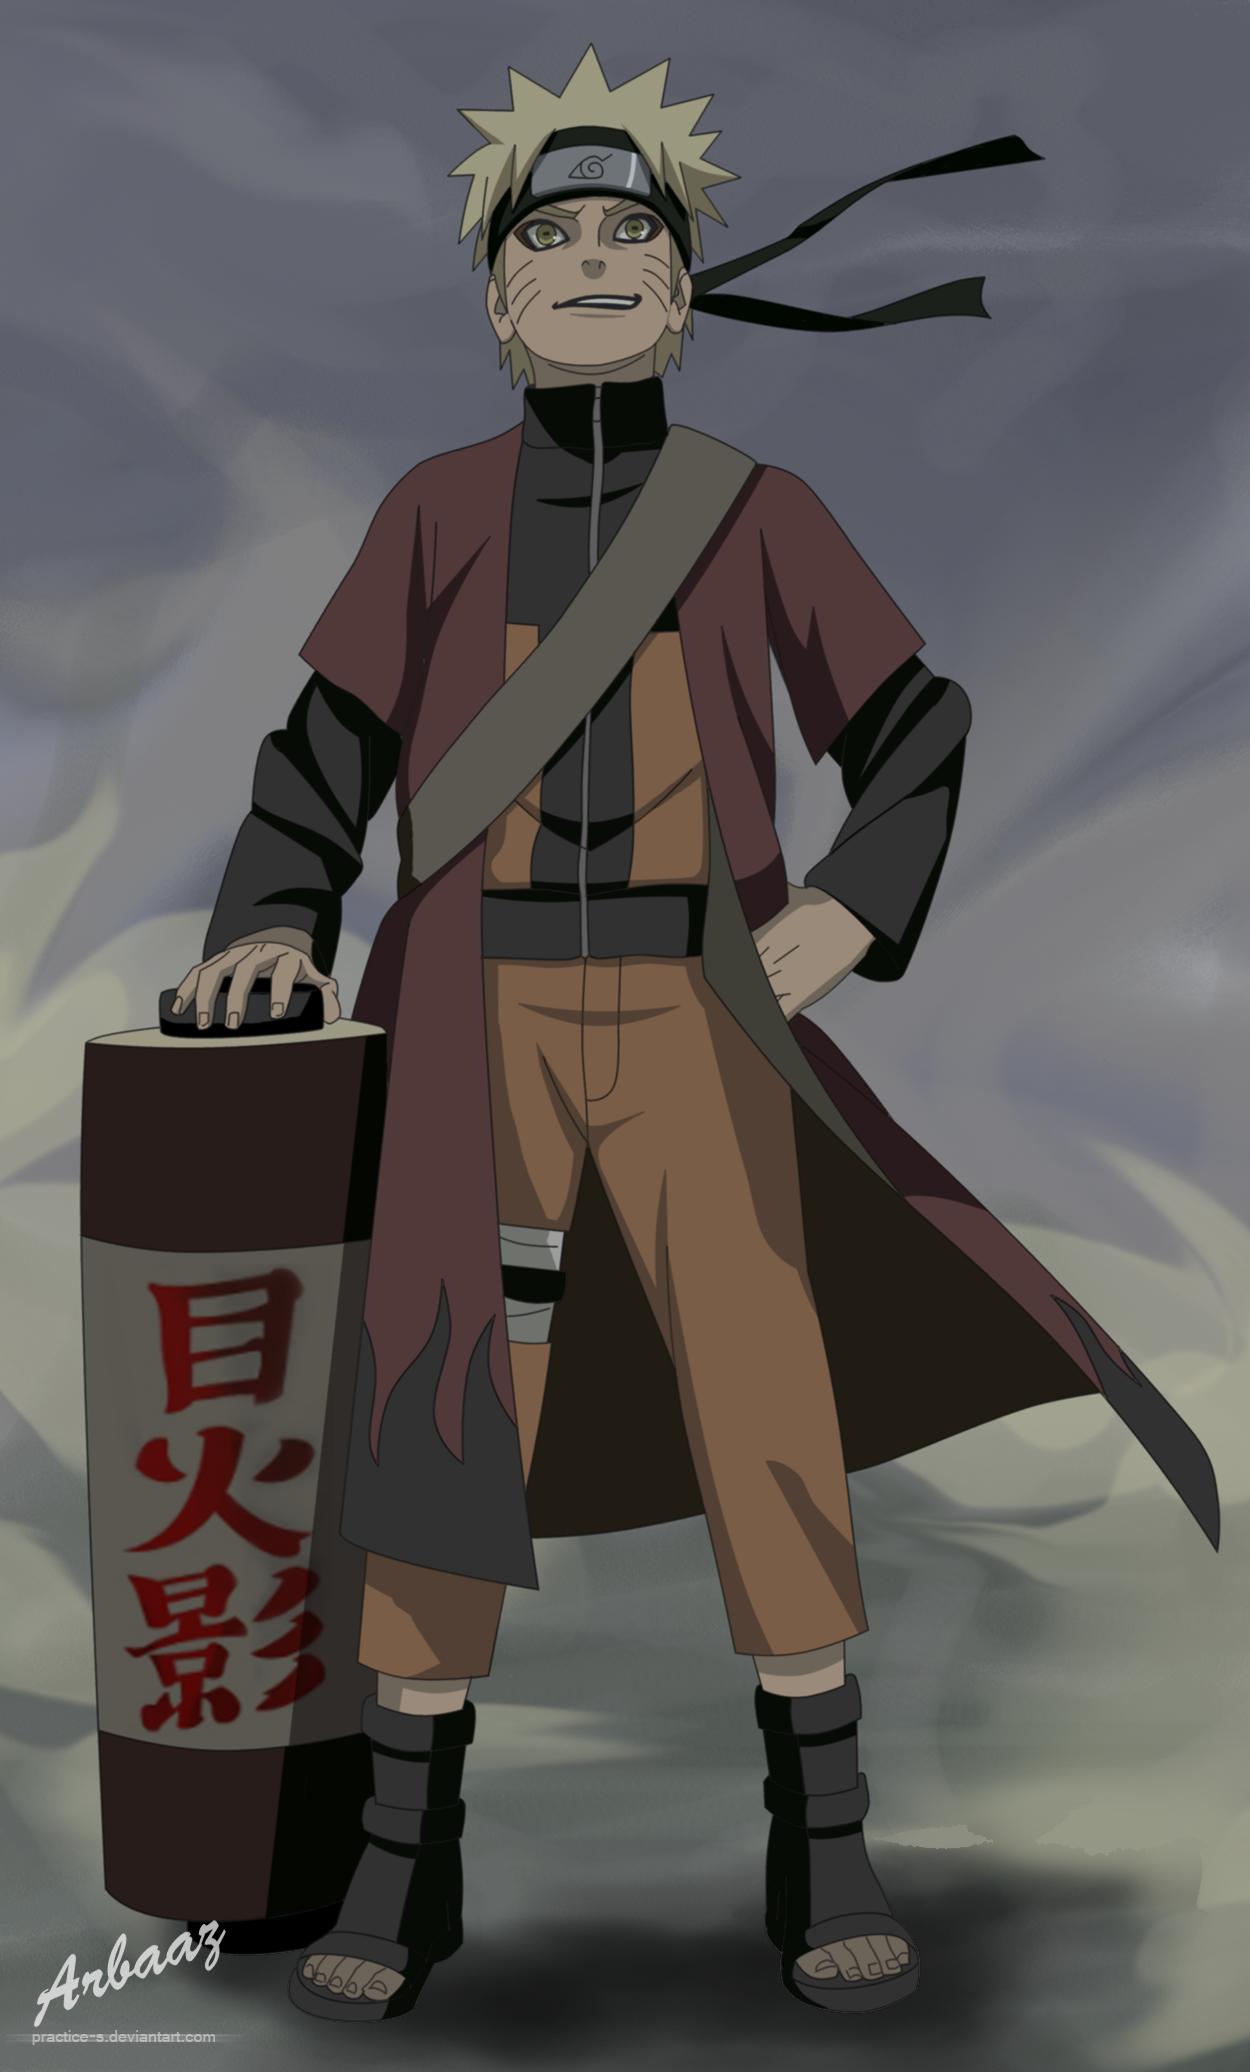 Pin By Allyson Cornielle On Naruto Anime Naruto Naruto Wallpaper Naruto Shippuden Anime